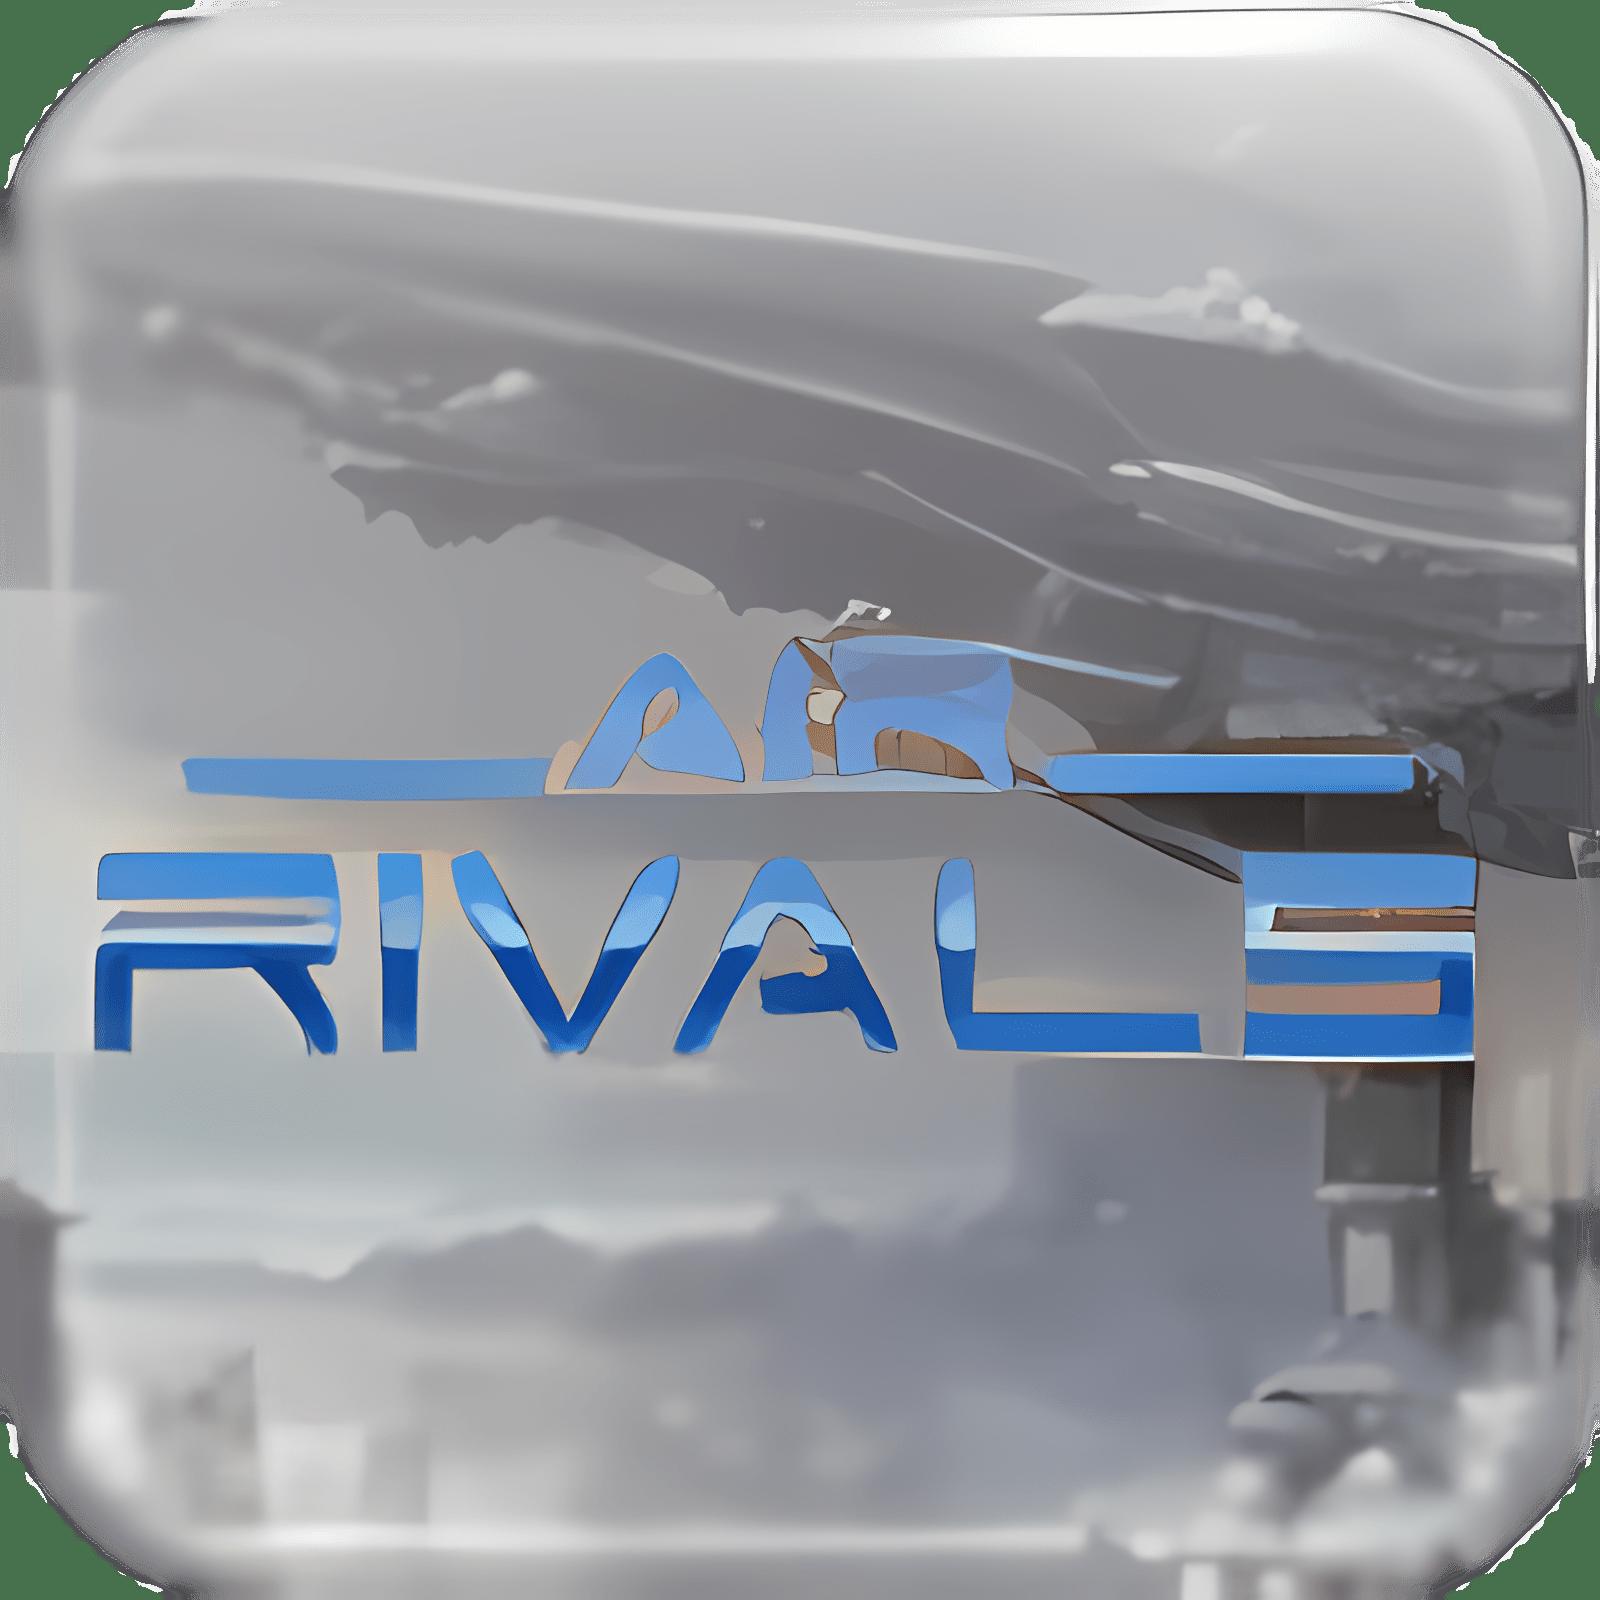 AirRivals 1.0.0.35